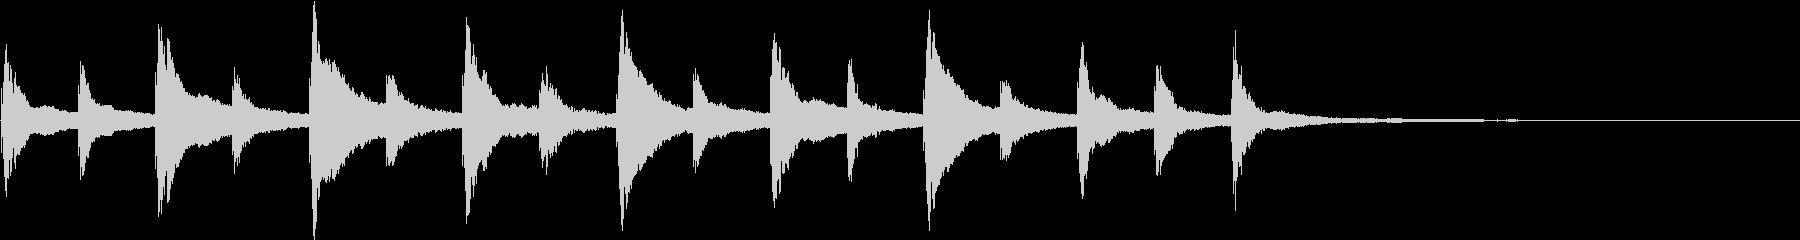 不思議な雰囲気のシンプルなロゴの未再生の波形